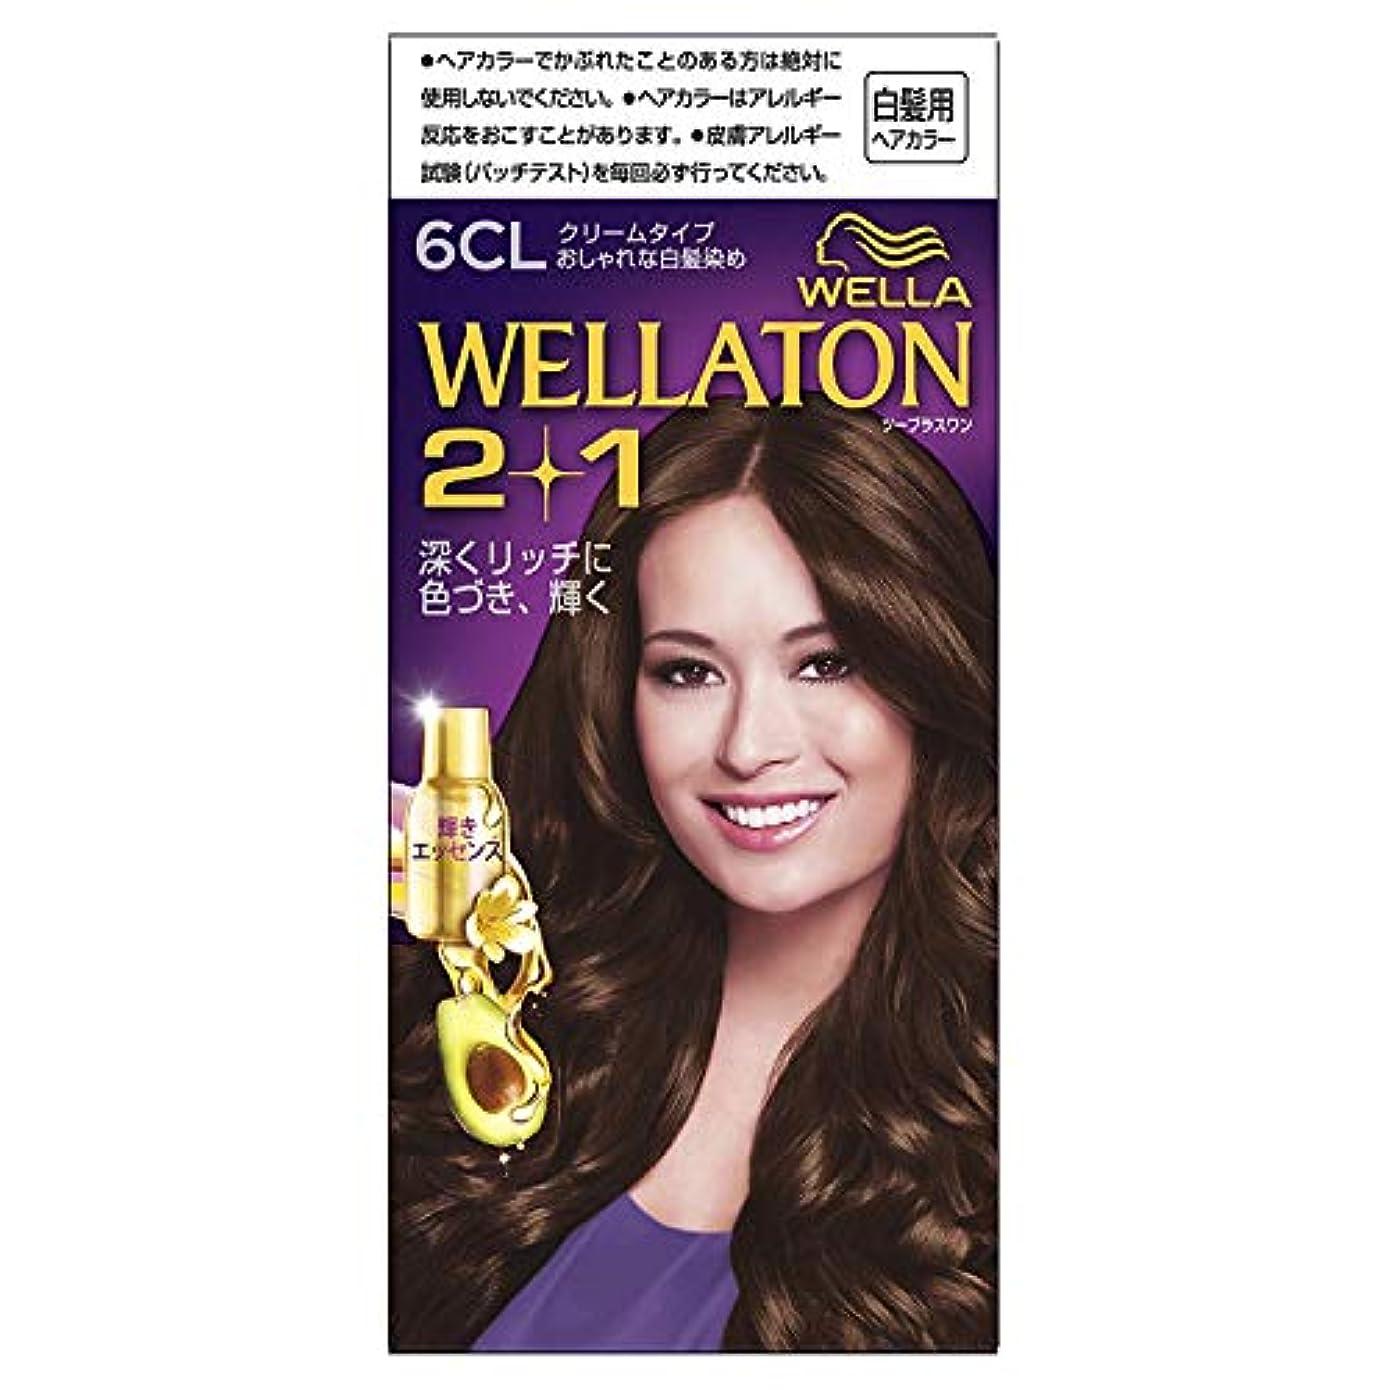 ウルルニュージーランド動的ウエラトーン2+1 クリームタイプ 6CL [医薬部外品]×3個